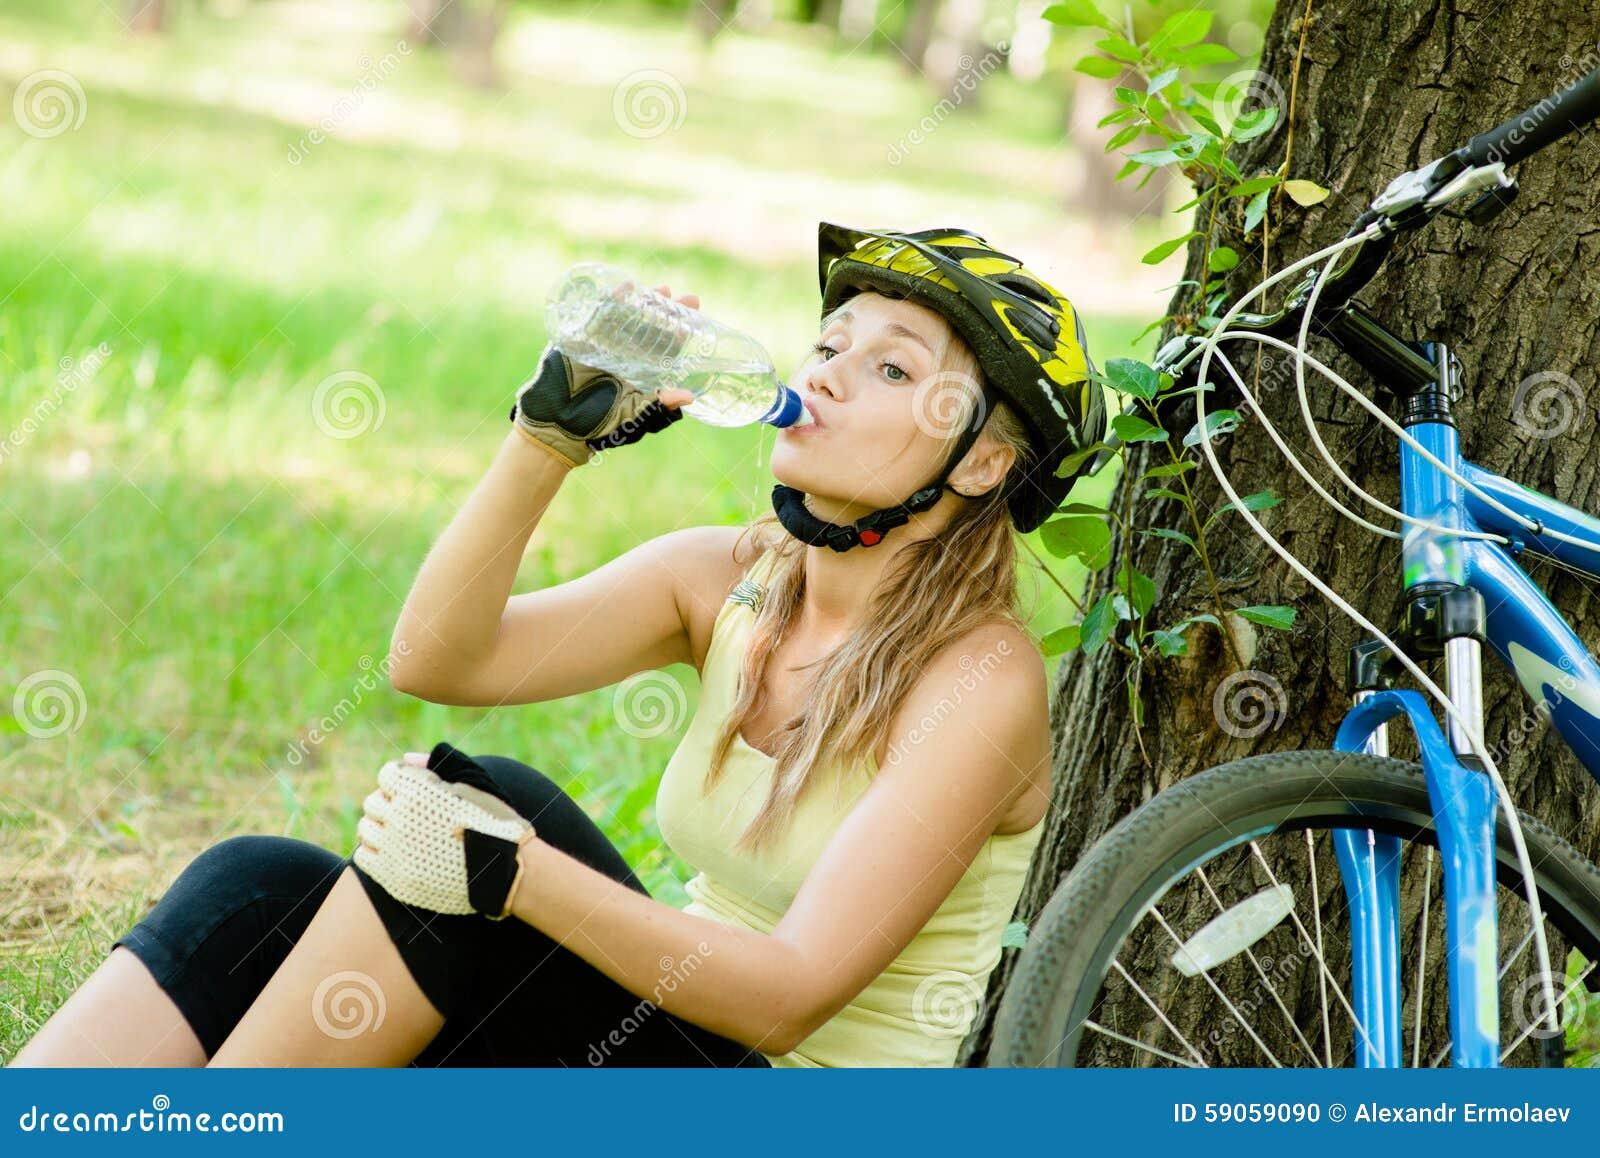 La jeune fille boit l eau d une bouteille après faire du vélo de montagne